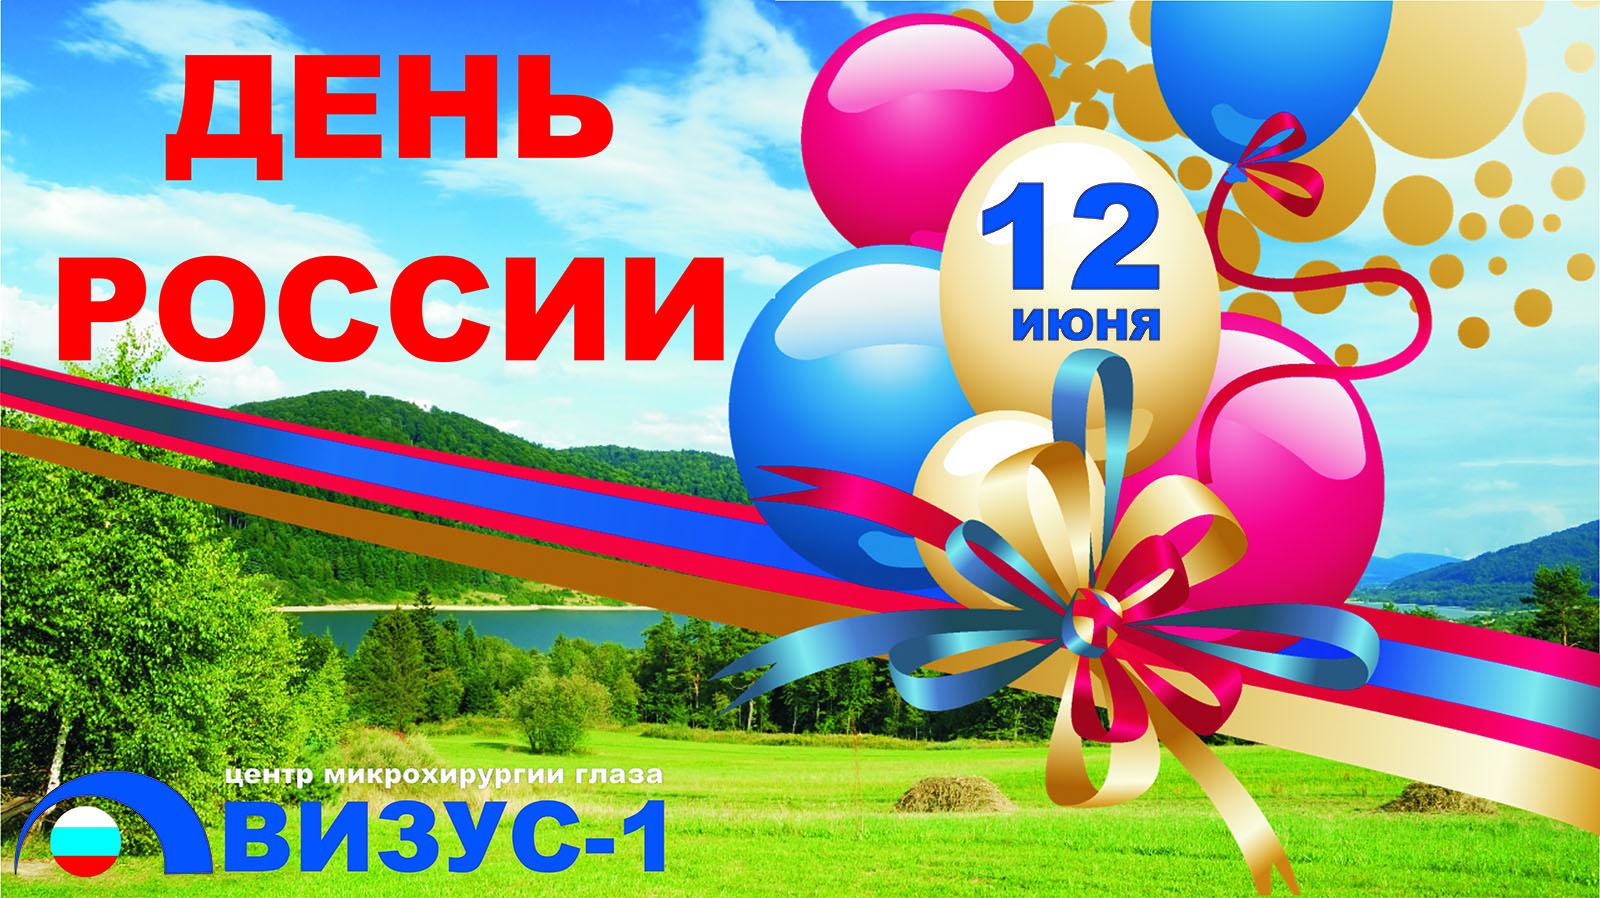 открытка от ЦМХГ Визус-1